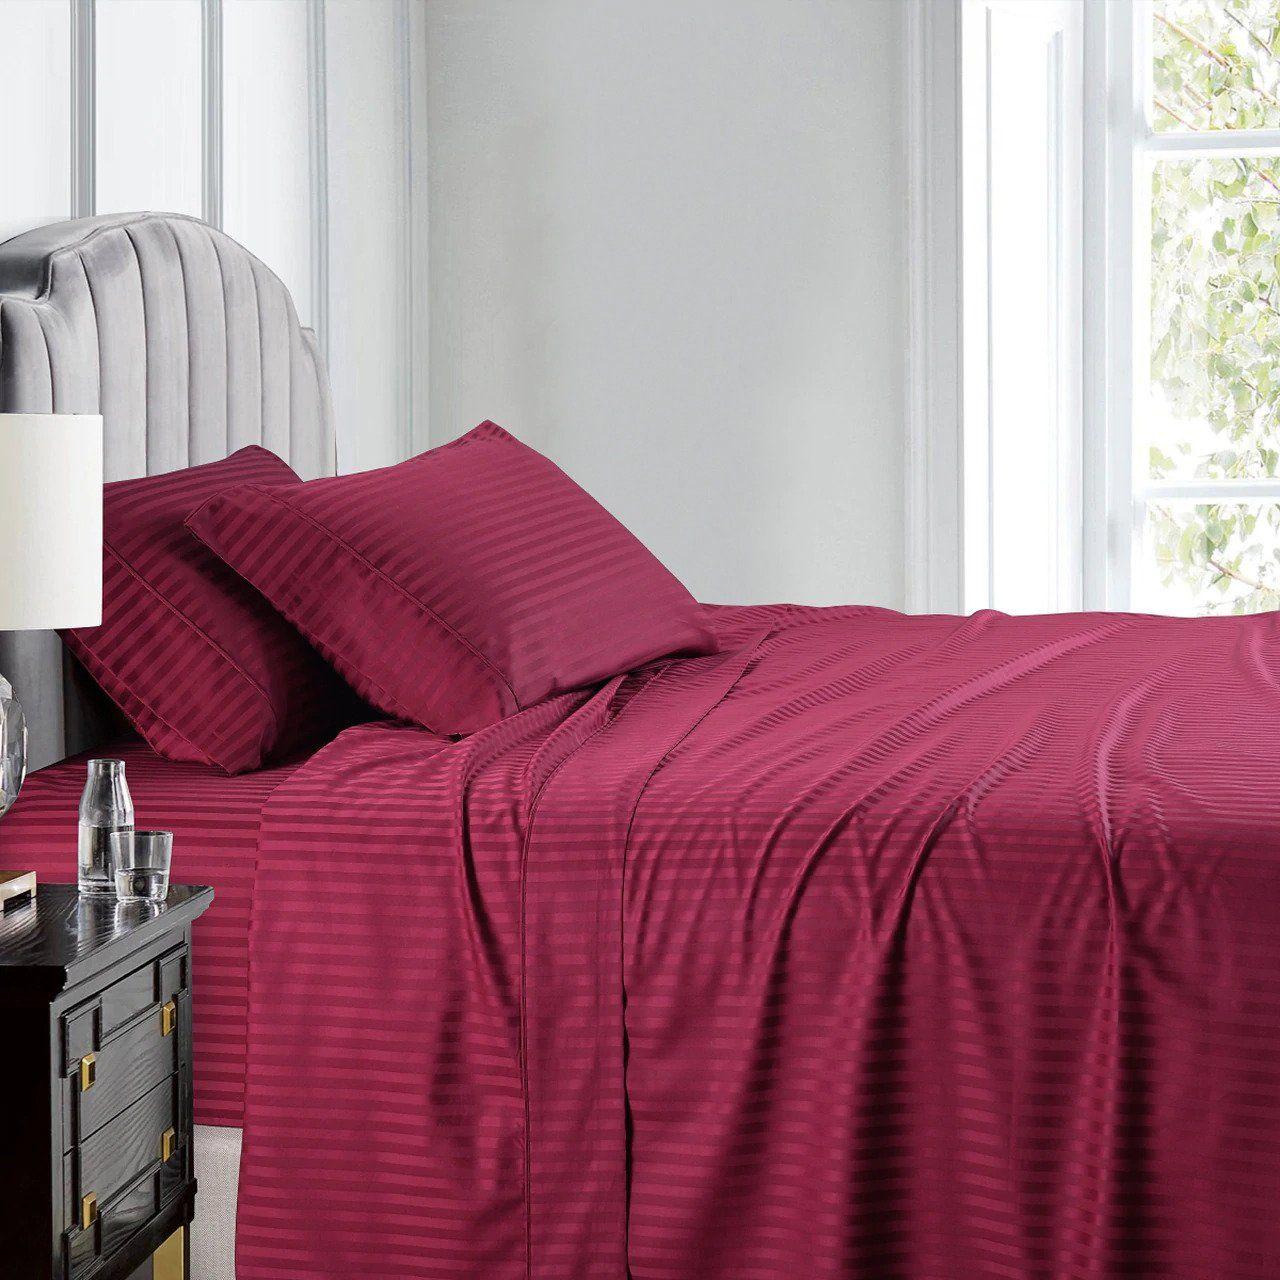 Burgundy Stripe Sheet Set Comfy Sateen Striped Sheets Sheet Sets Unique Sheet Sets